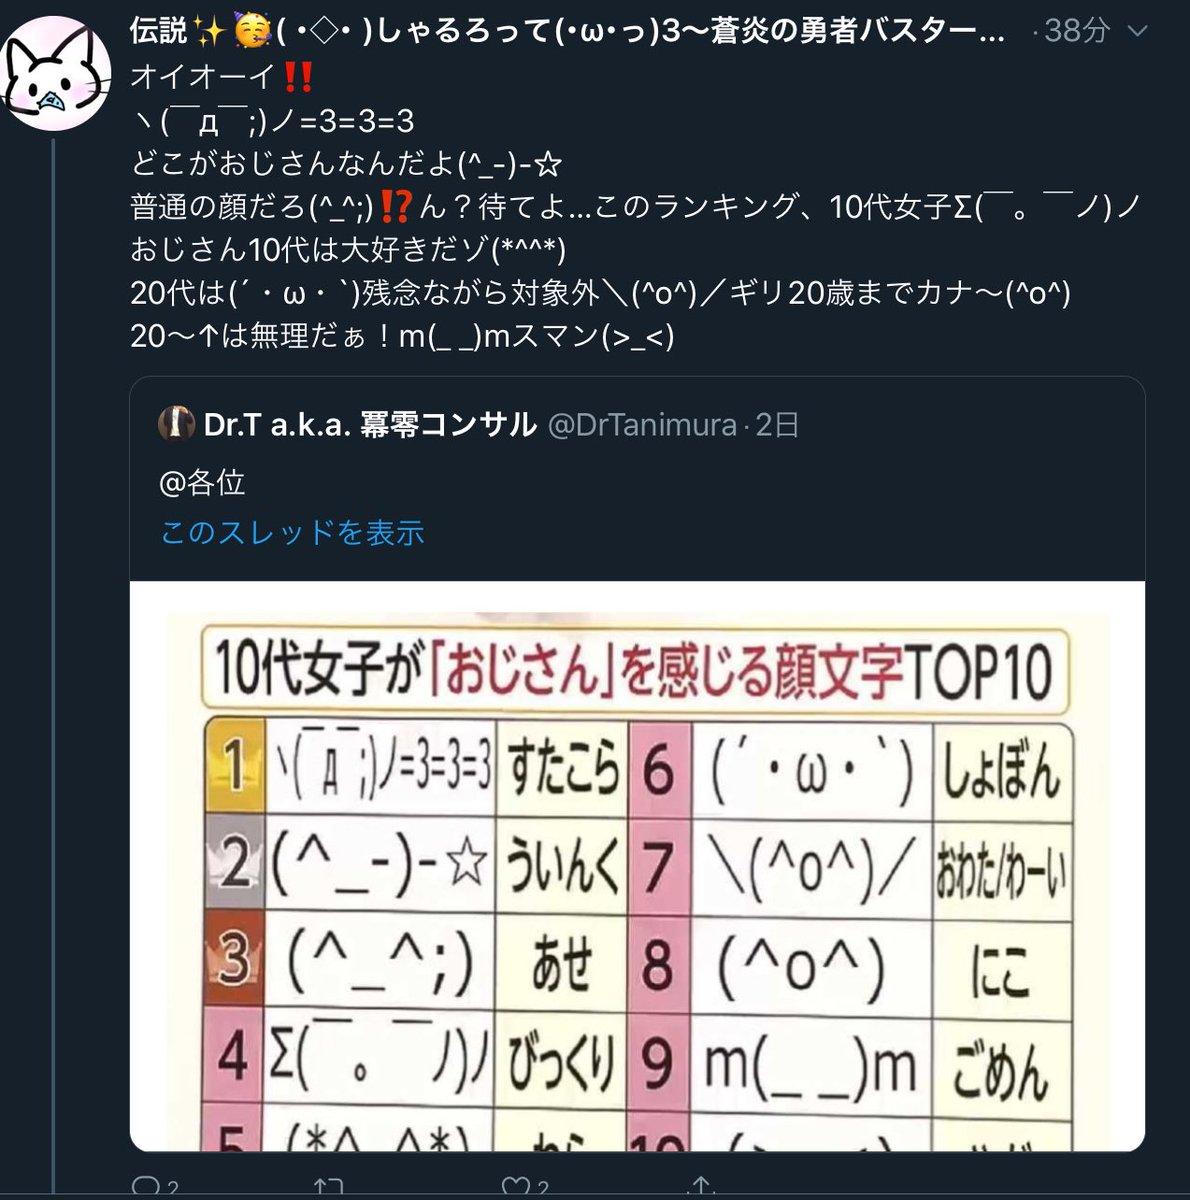 ひよこめしさんの投稿画像